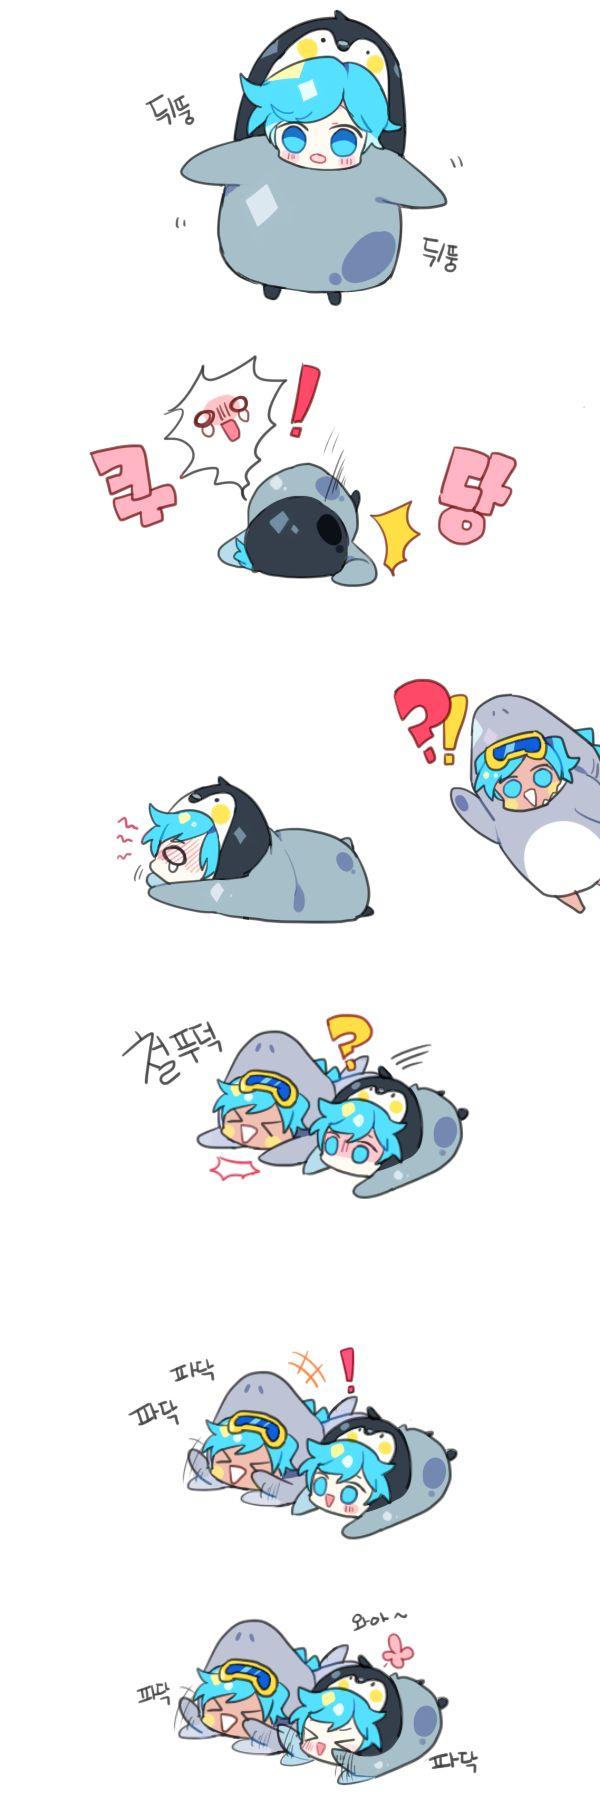 소다맛이랑 박하사탕맛 할로윈 코스튬 넘 귀여워서 뻘만화ㅠ.ㅠ)9